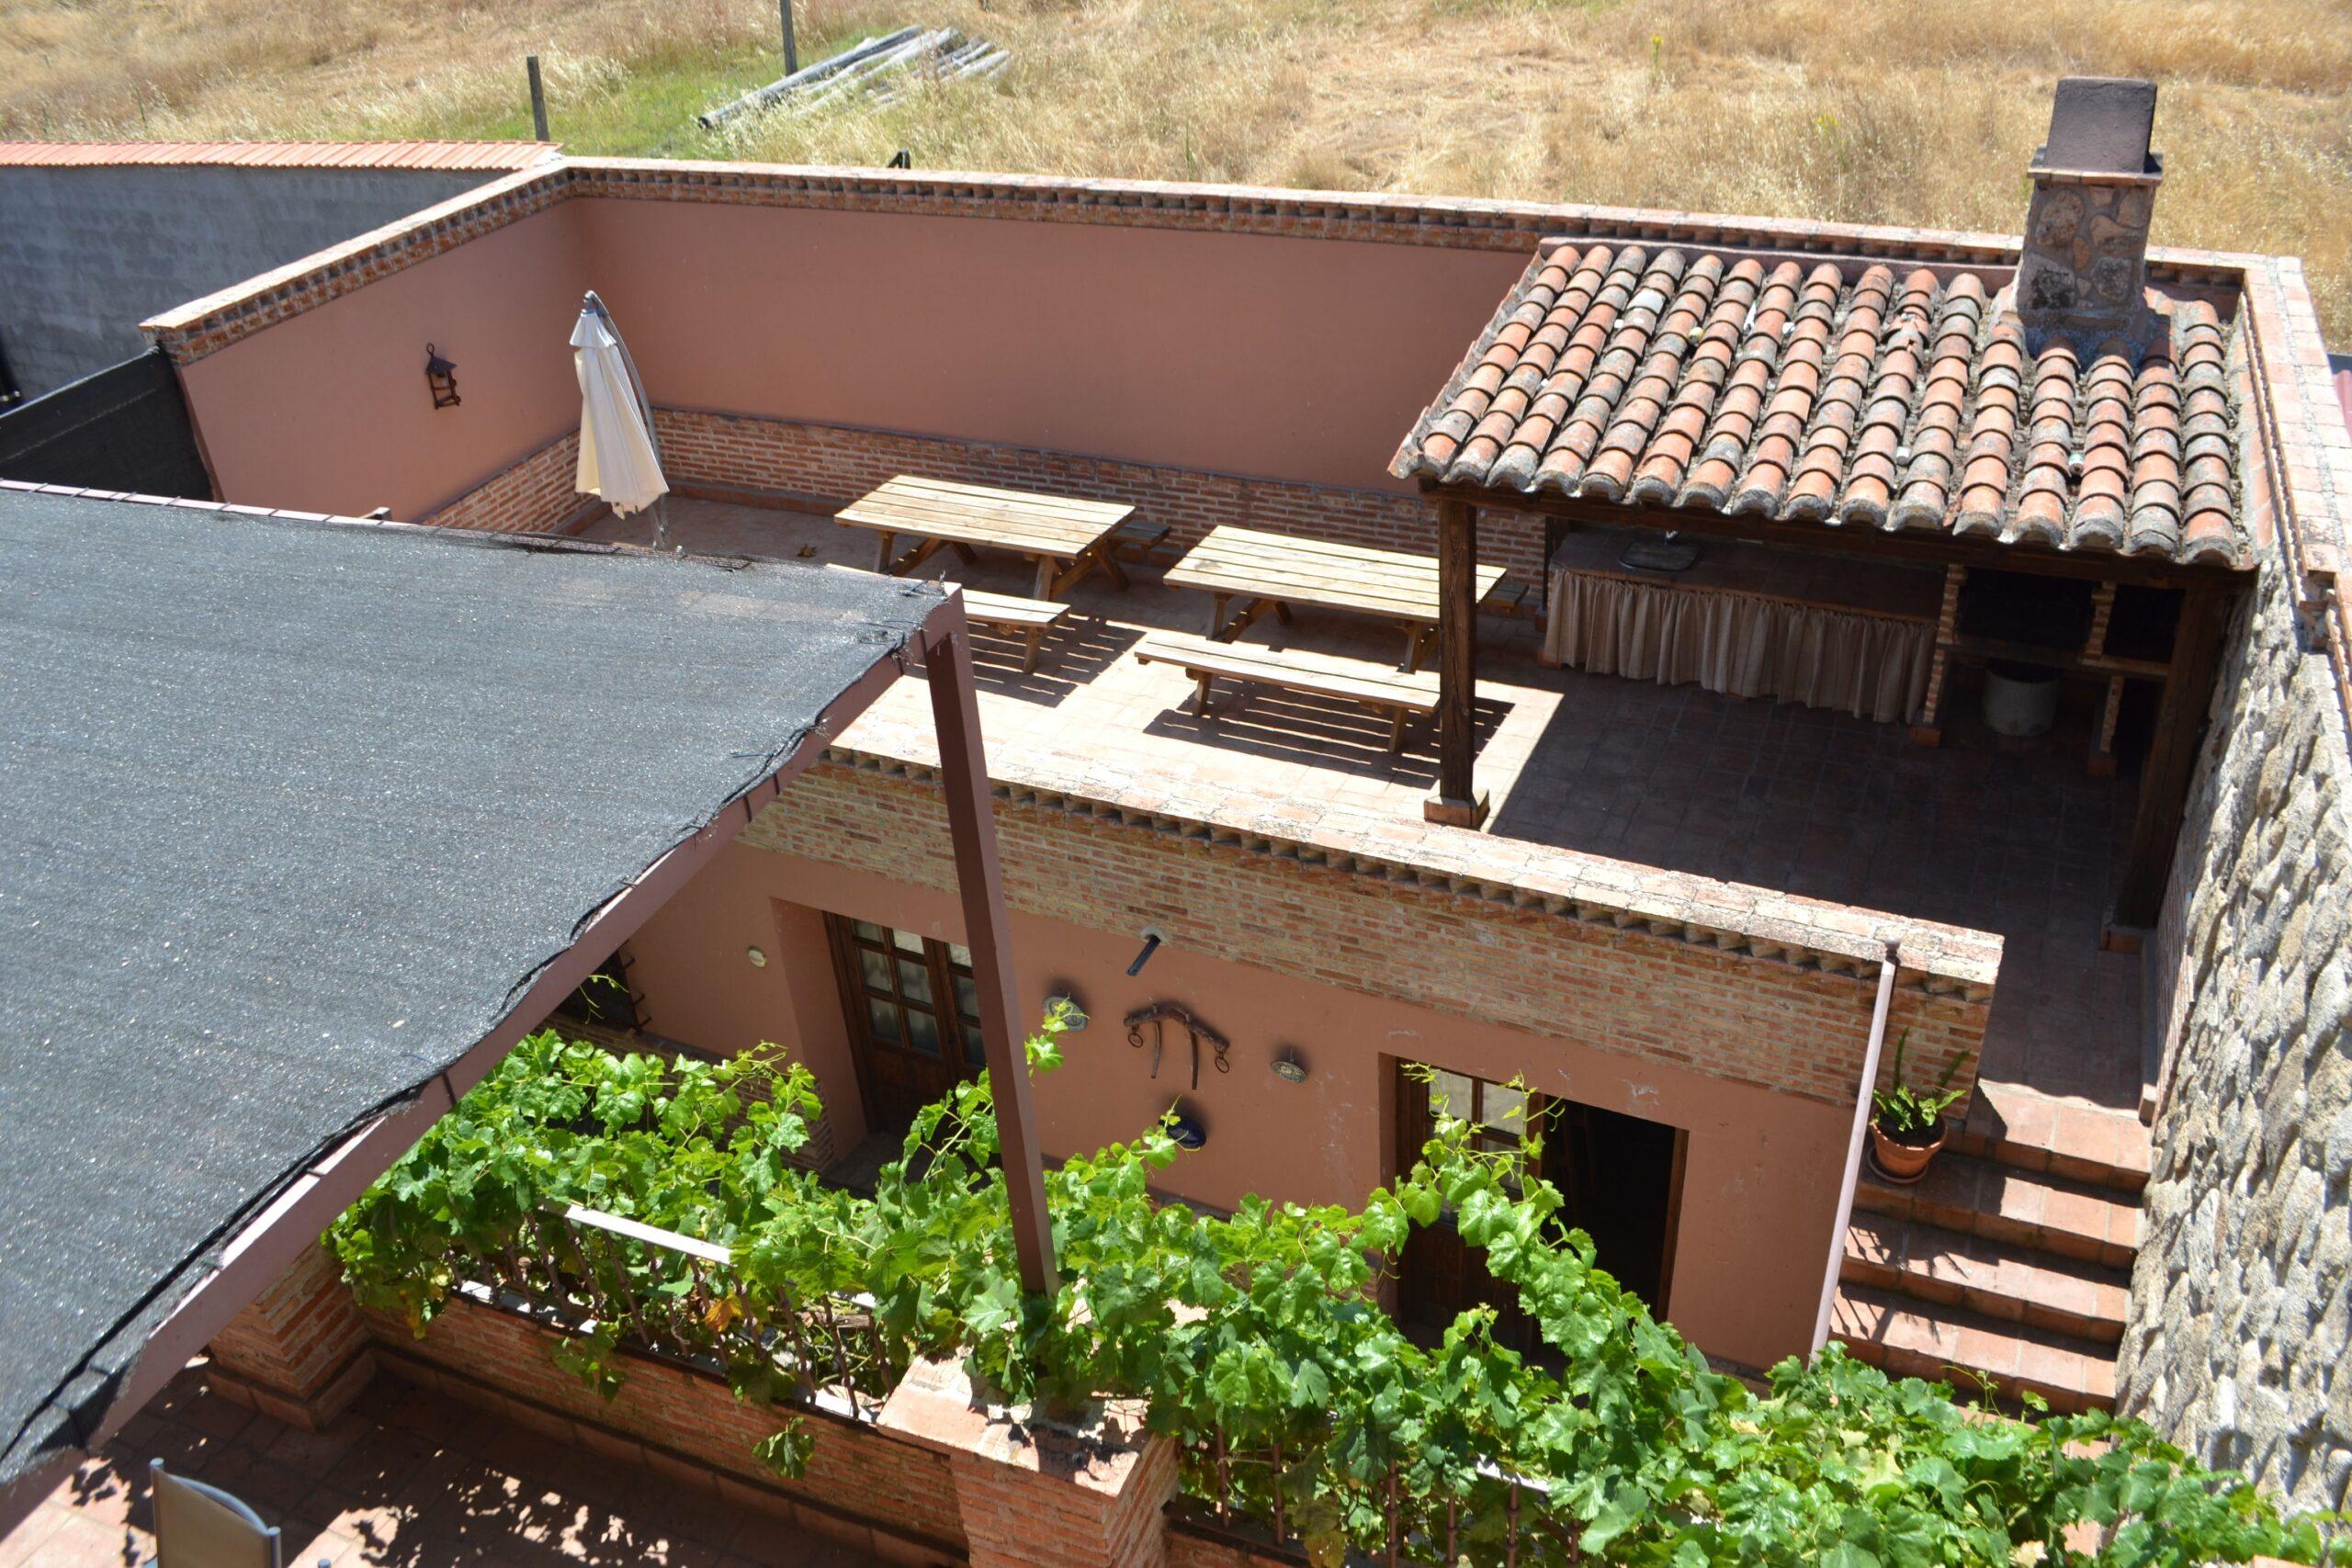 exteriores scaled - Habitaciones